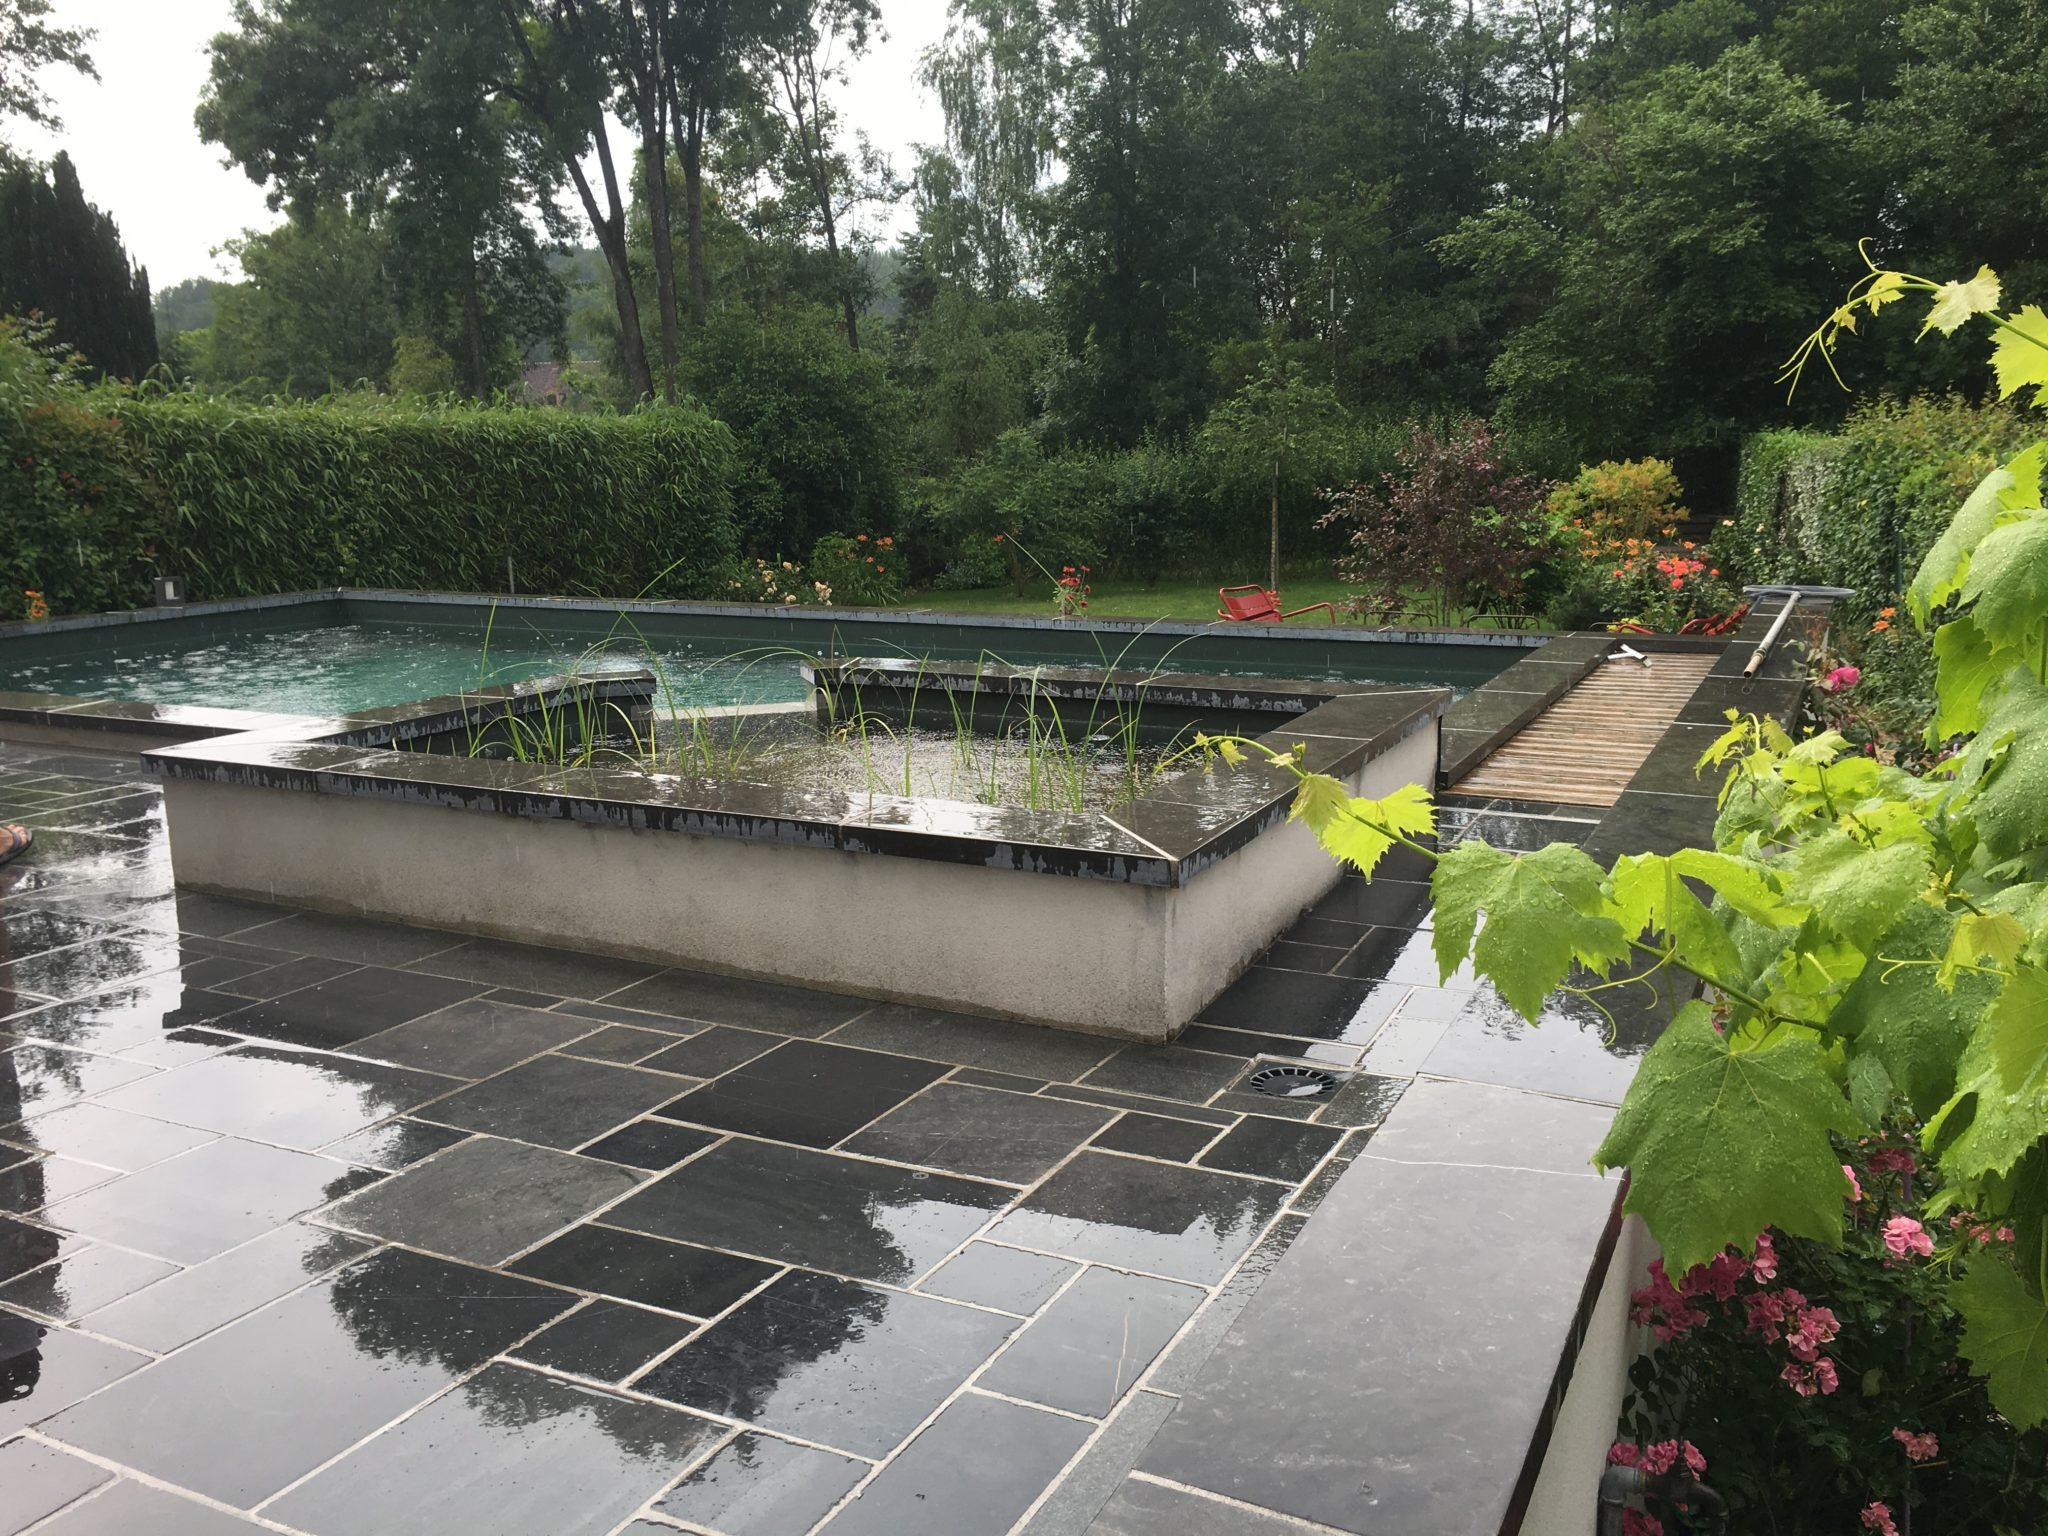 Aménagement D'une Piscine Naturelle | Le Jardin By Bourdin tout Piscine De Checy